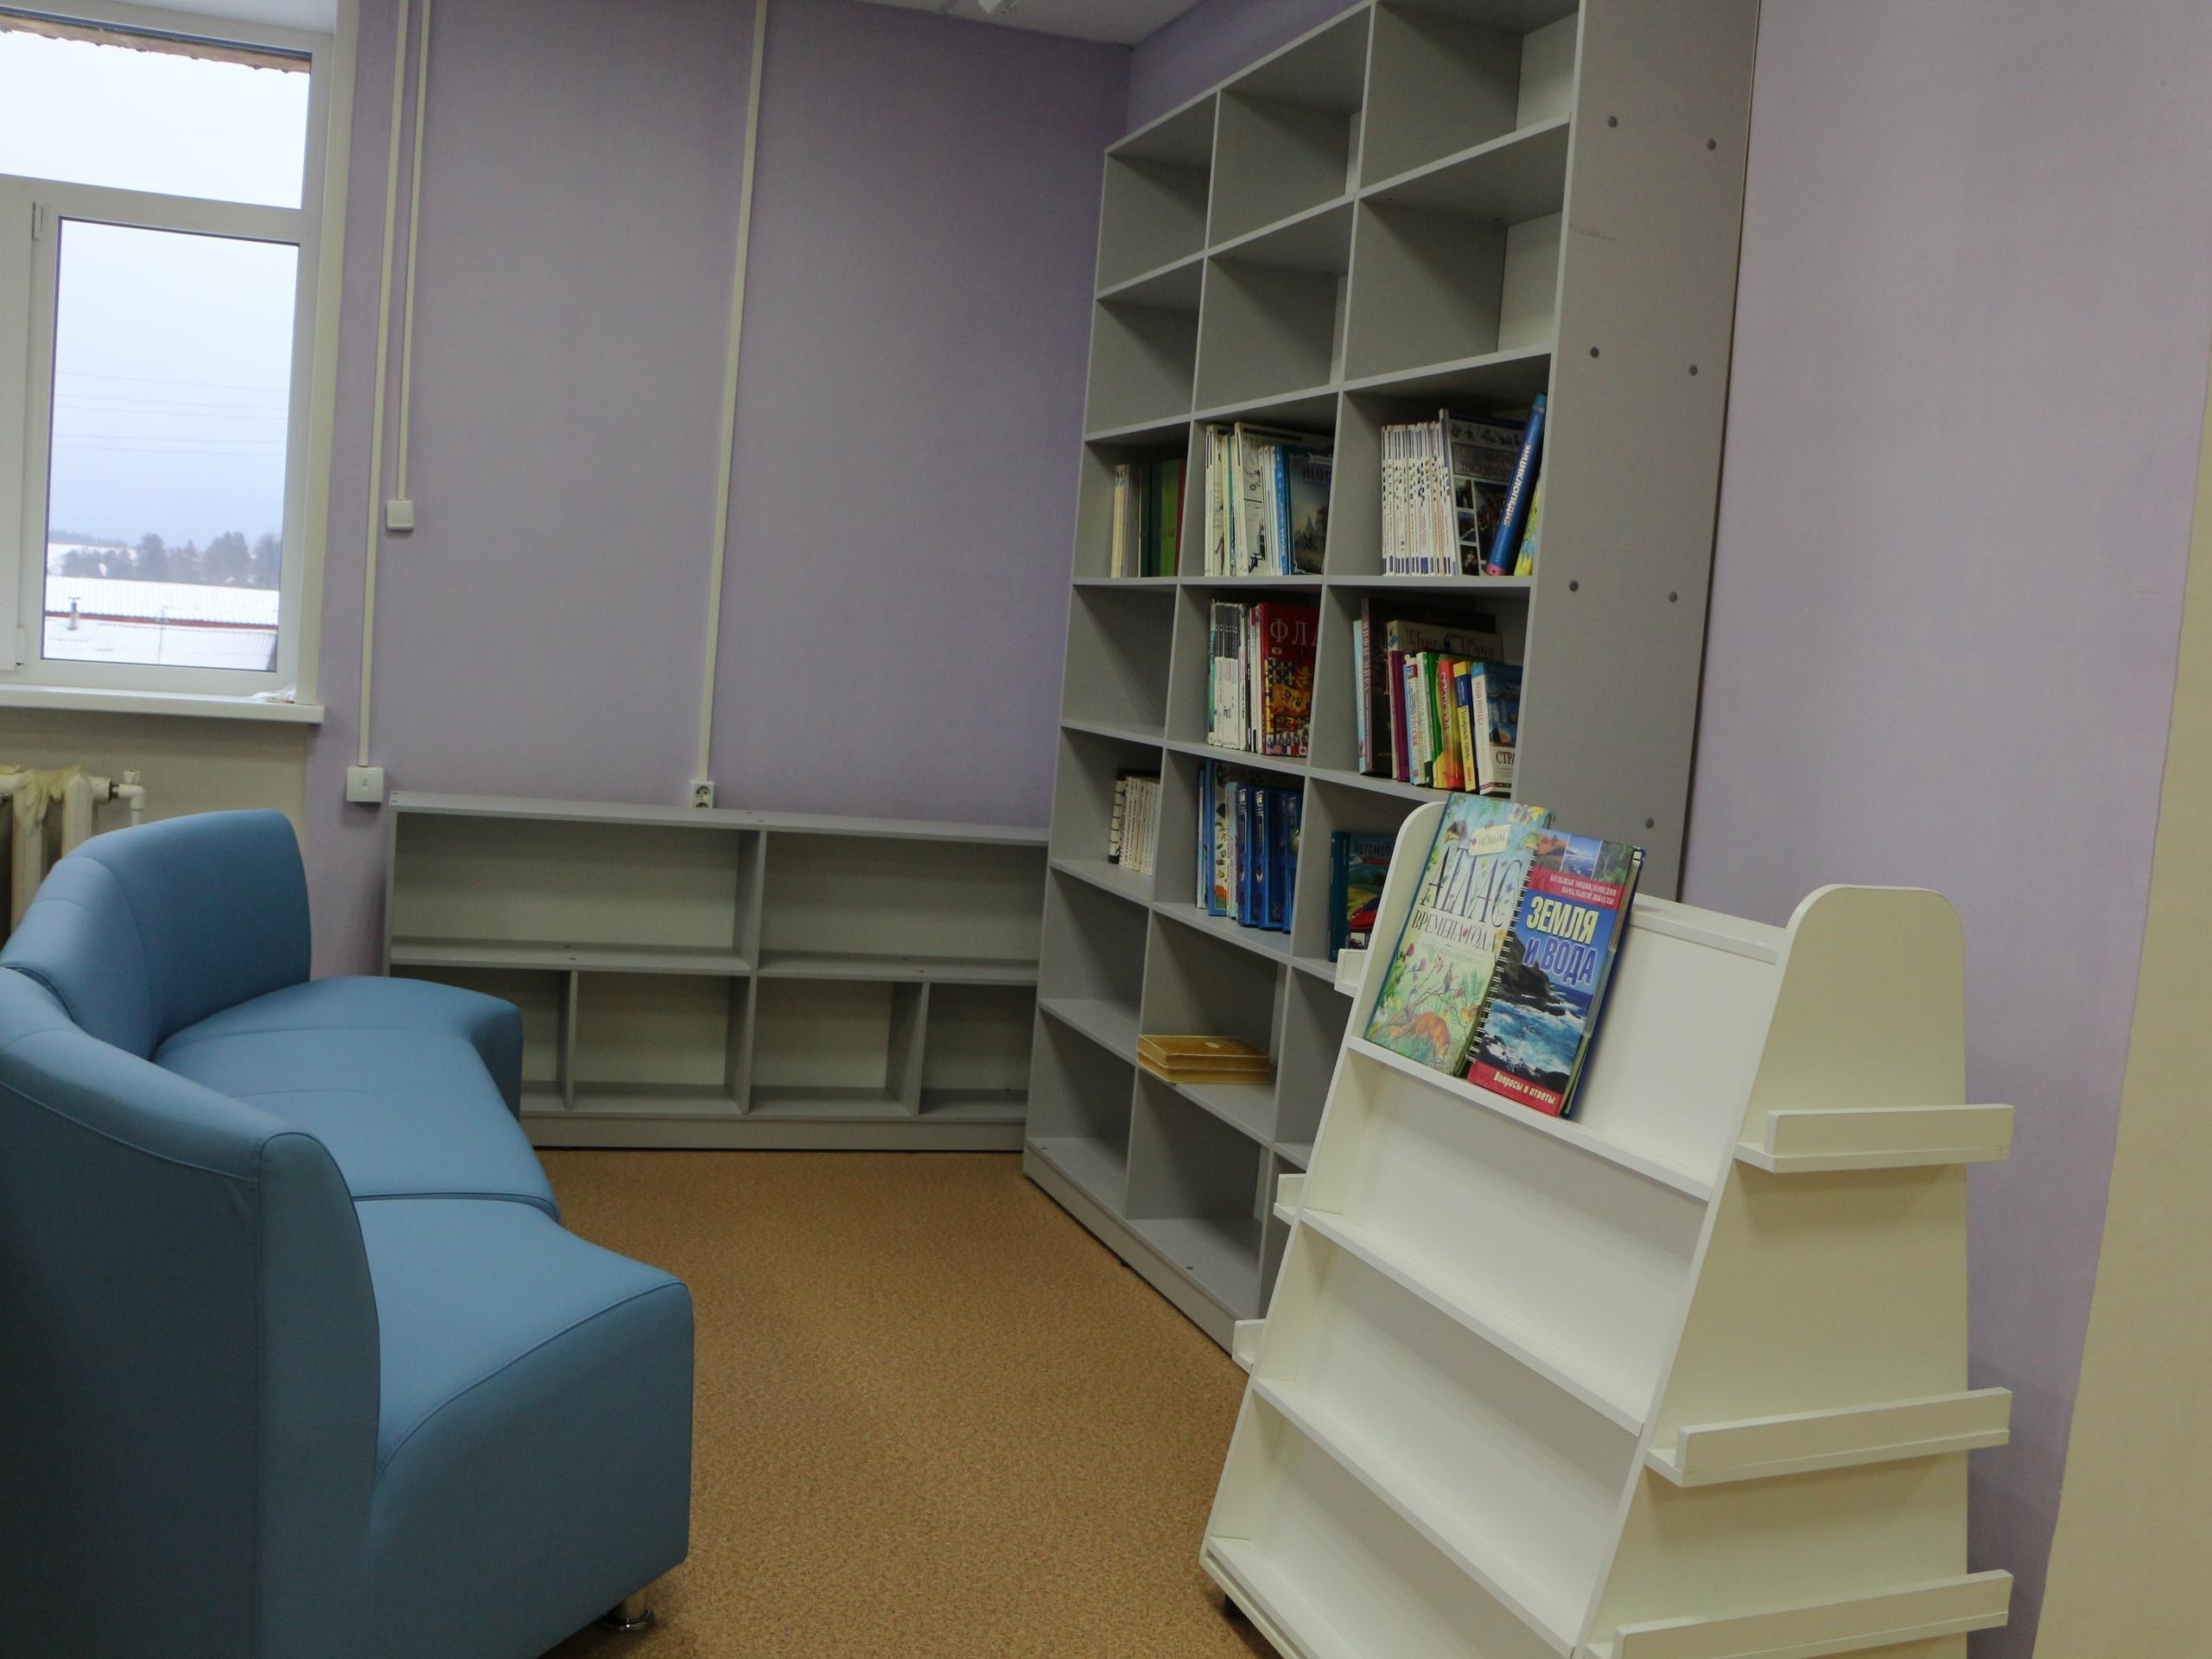 Модельная библиотека в селе Кослан скоро откроет свои двери